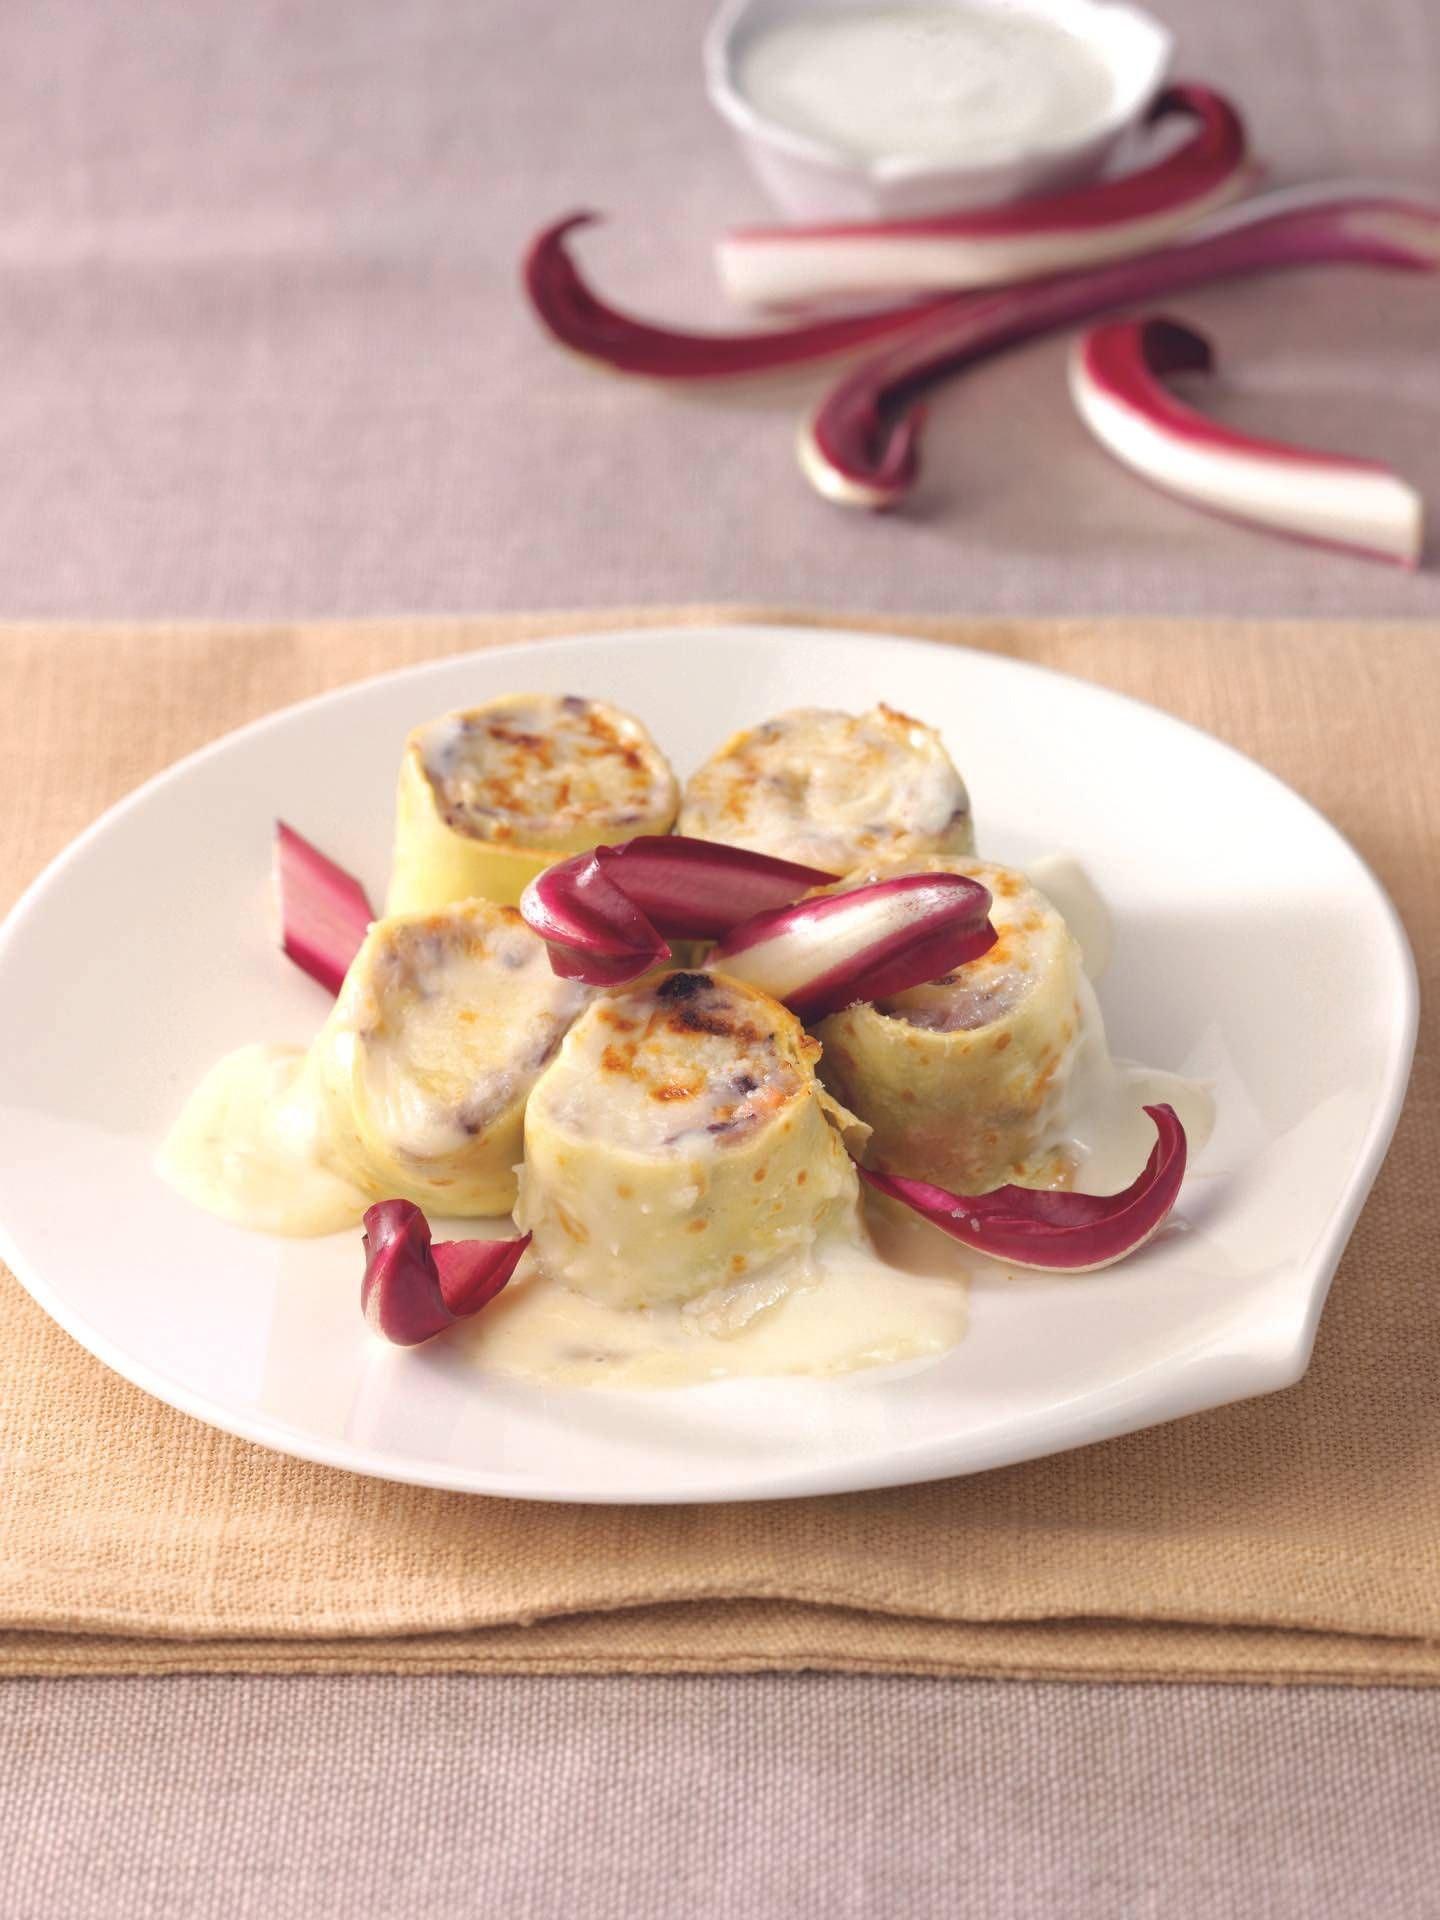 Crêpes al radicchio e prosciutto affumicato - Parmalat